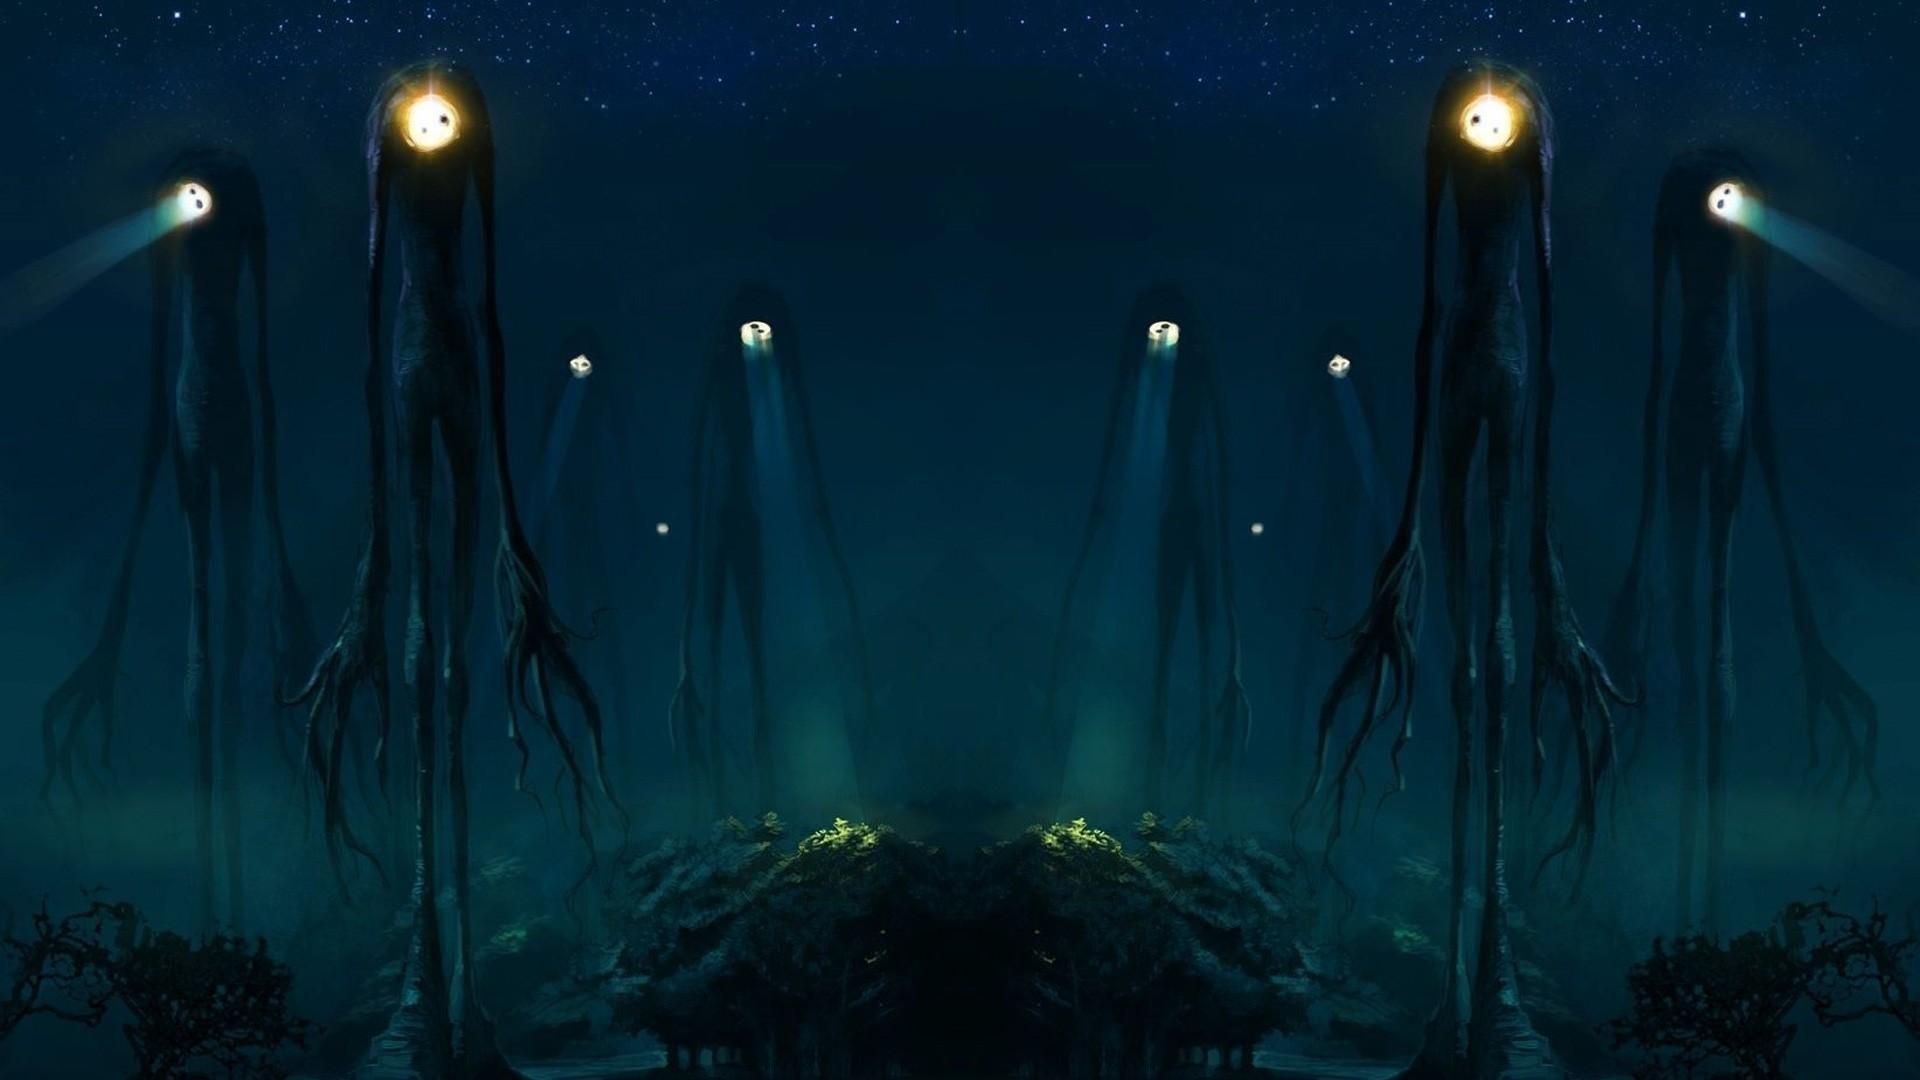 trees creatures spotlight slender man aliens ambient wallpaper  Art HD Wallpaper